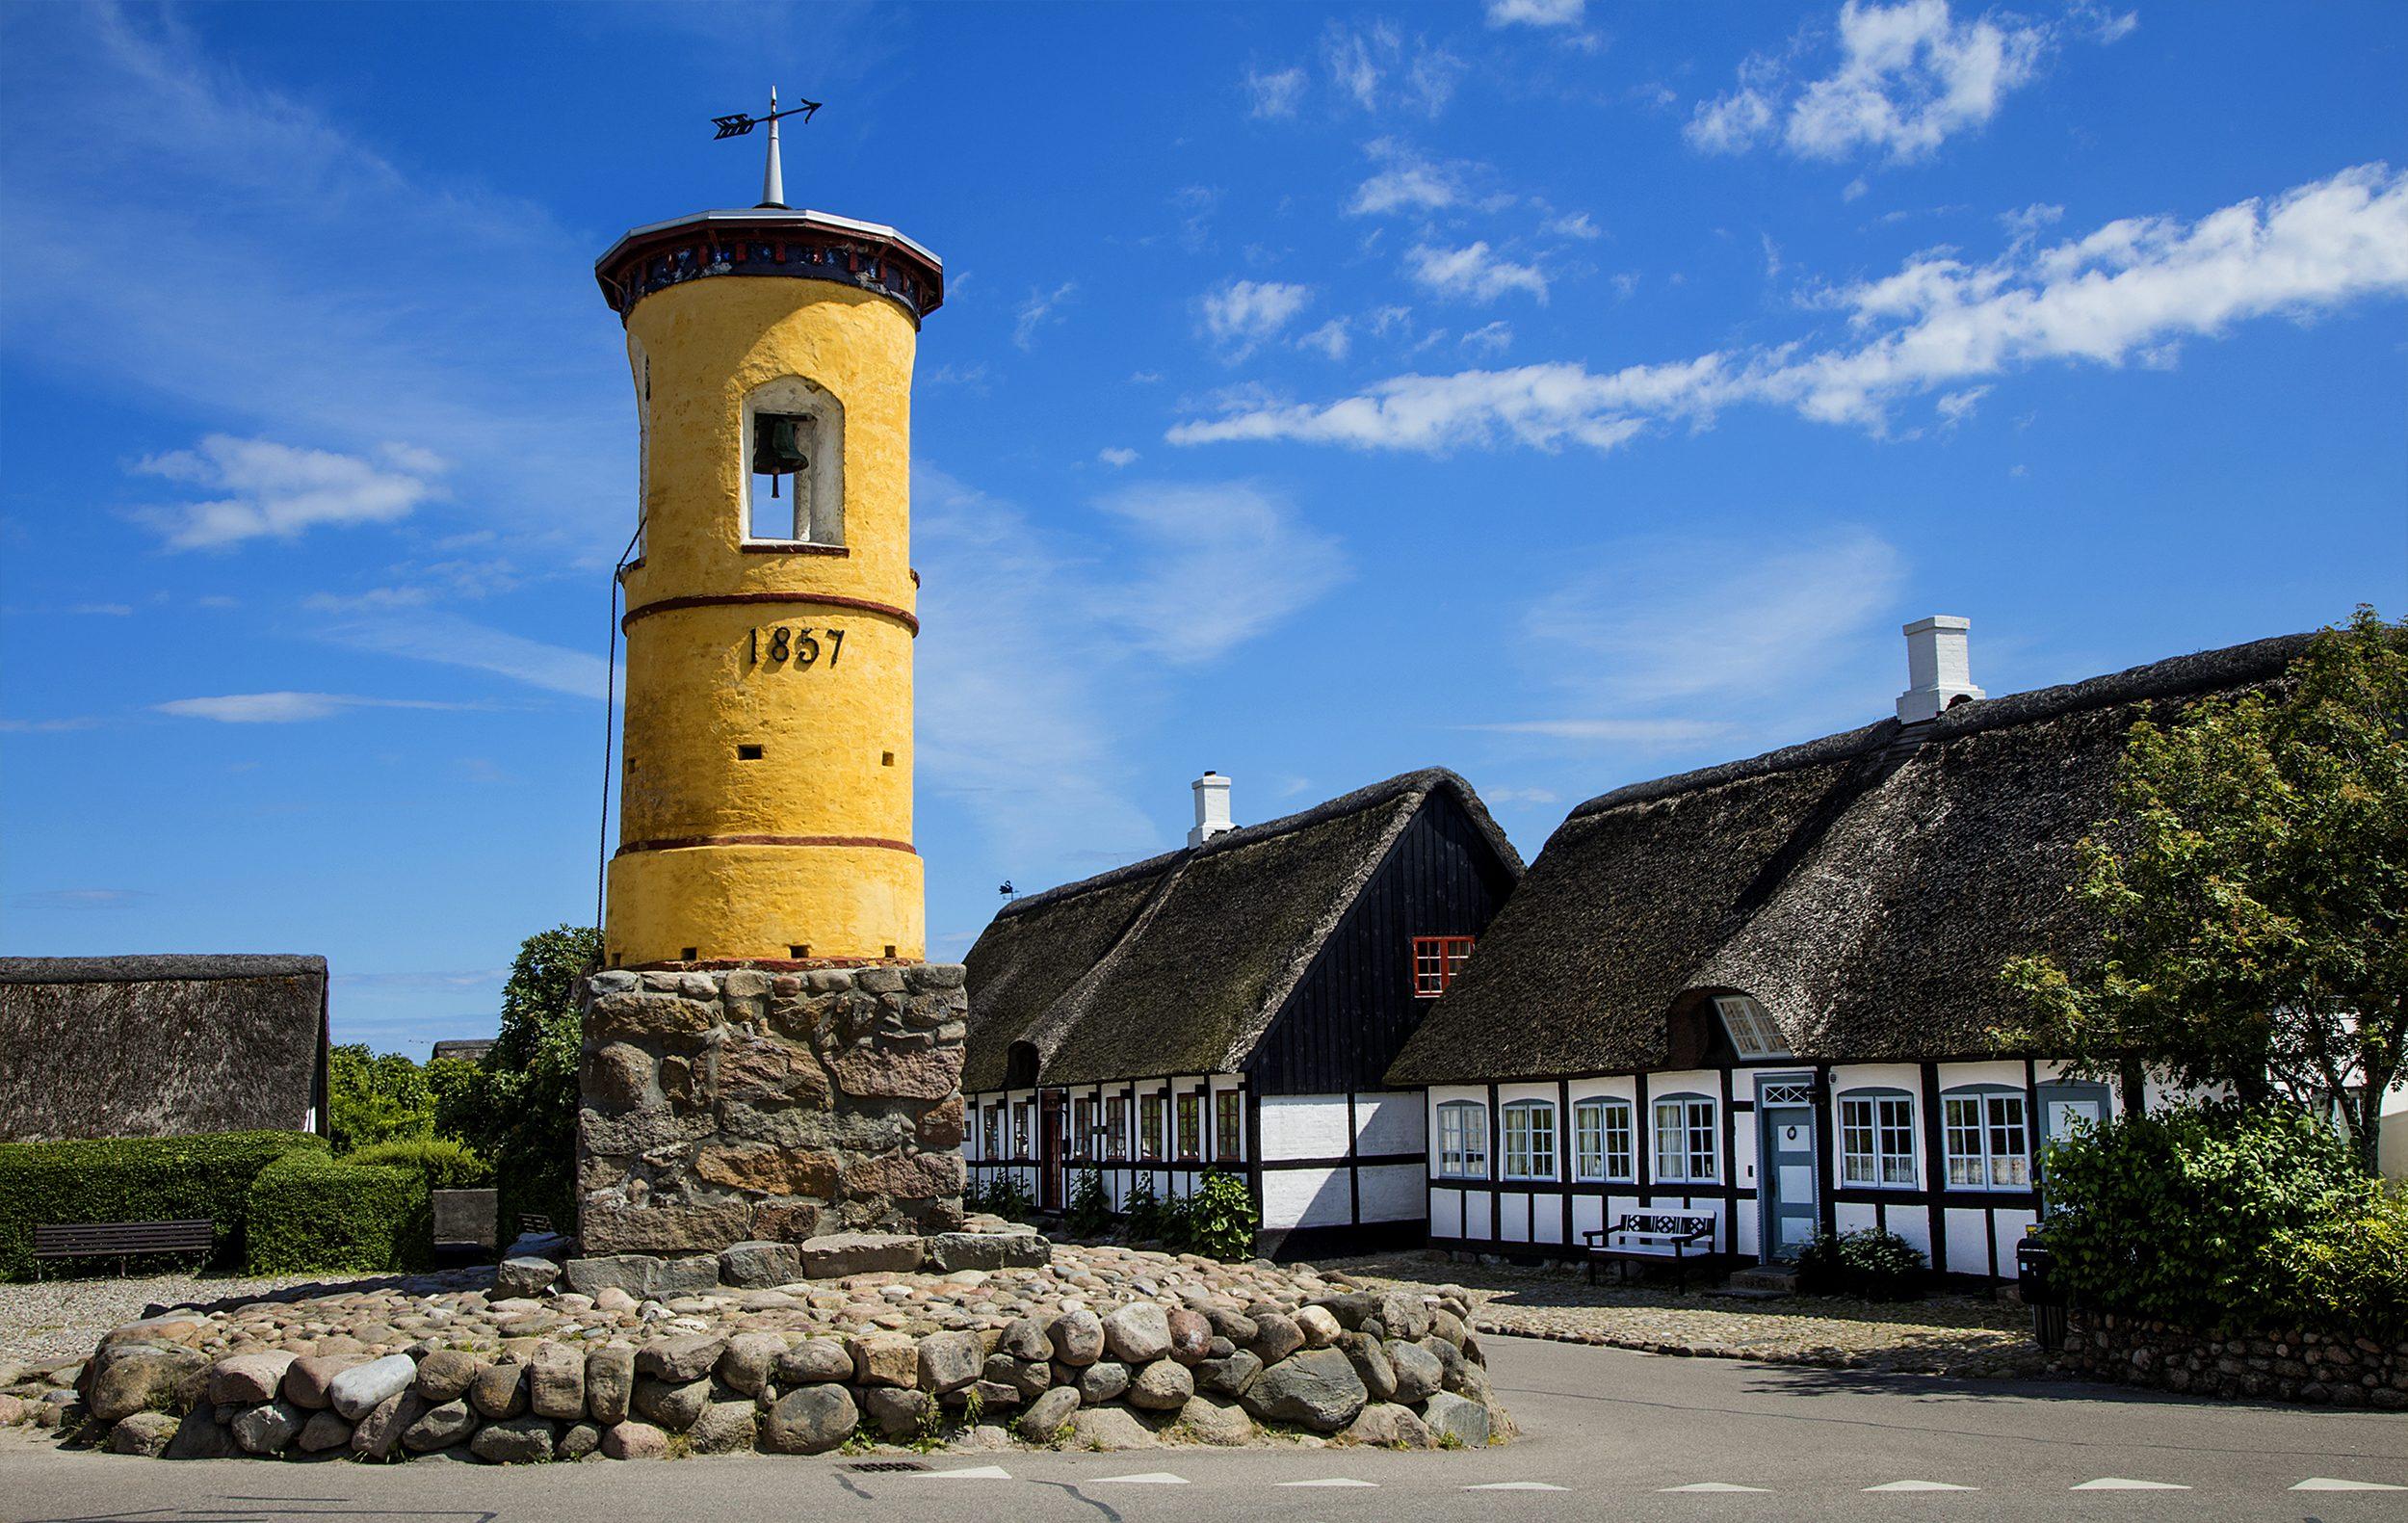 Det kommende nye koncept Verdens Mindste Krydstogt er et samarbejde mellem Destination Kystlandet, VisitSamsø, Aarhus SeaRangers og er støttet af Danmarks Erhvervsfremmes turismepulje. Arkivpressefoto: VisitSamsø.